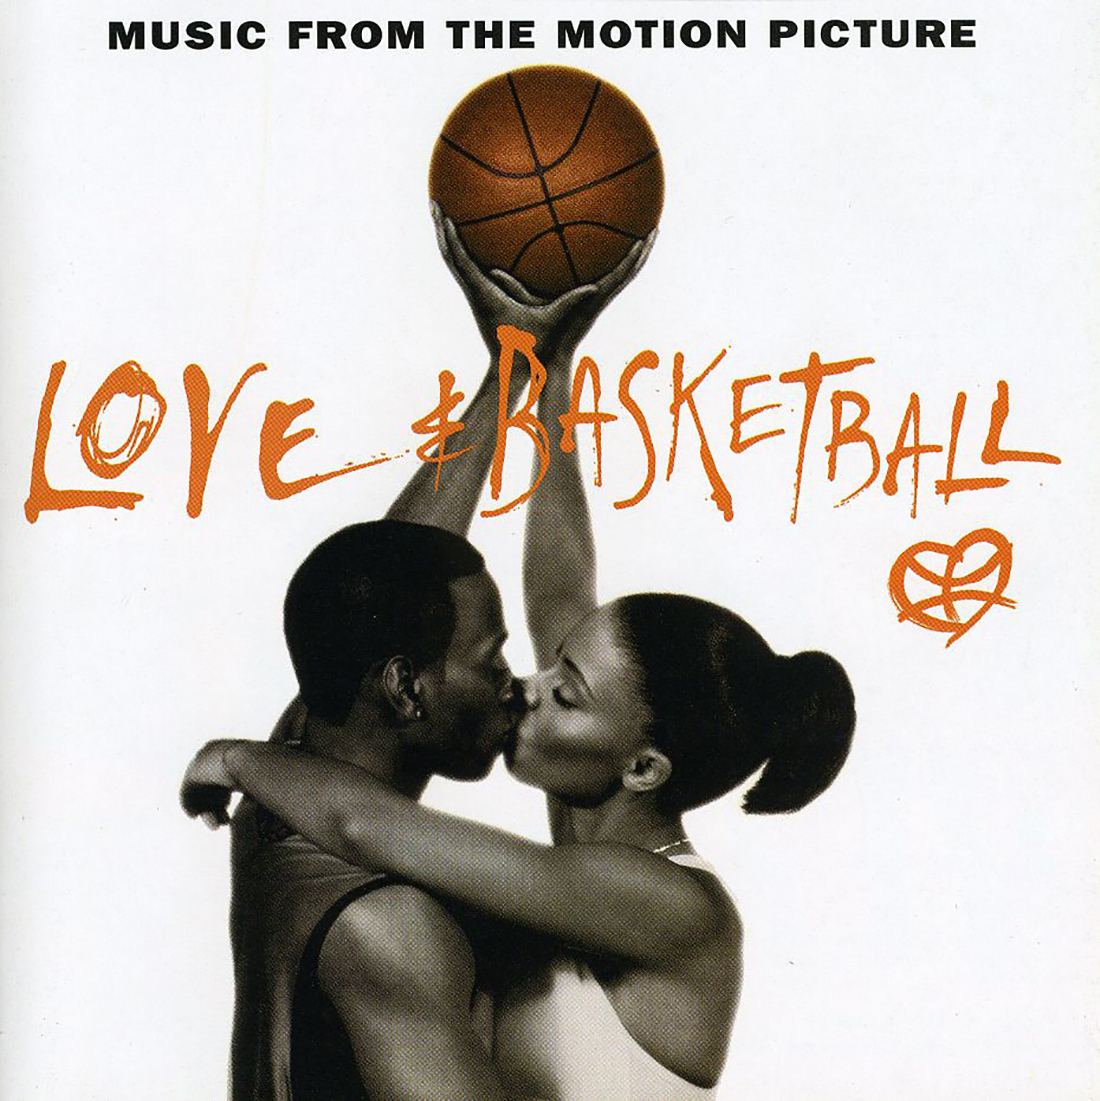 el soundtrack de Amor y basquetbol la pelicula por viva basquet